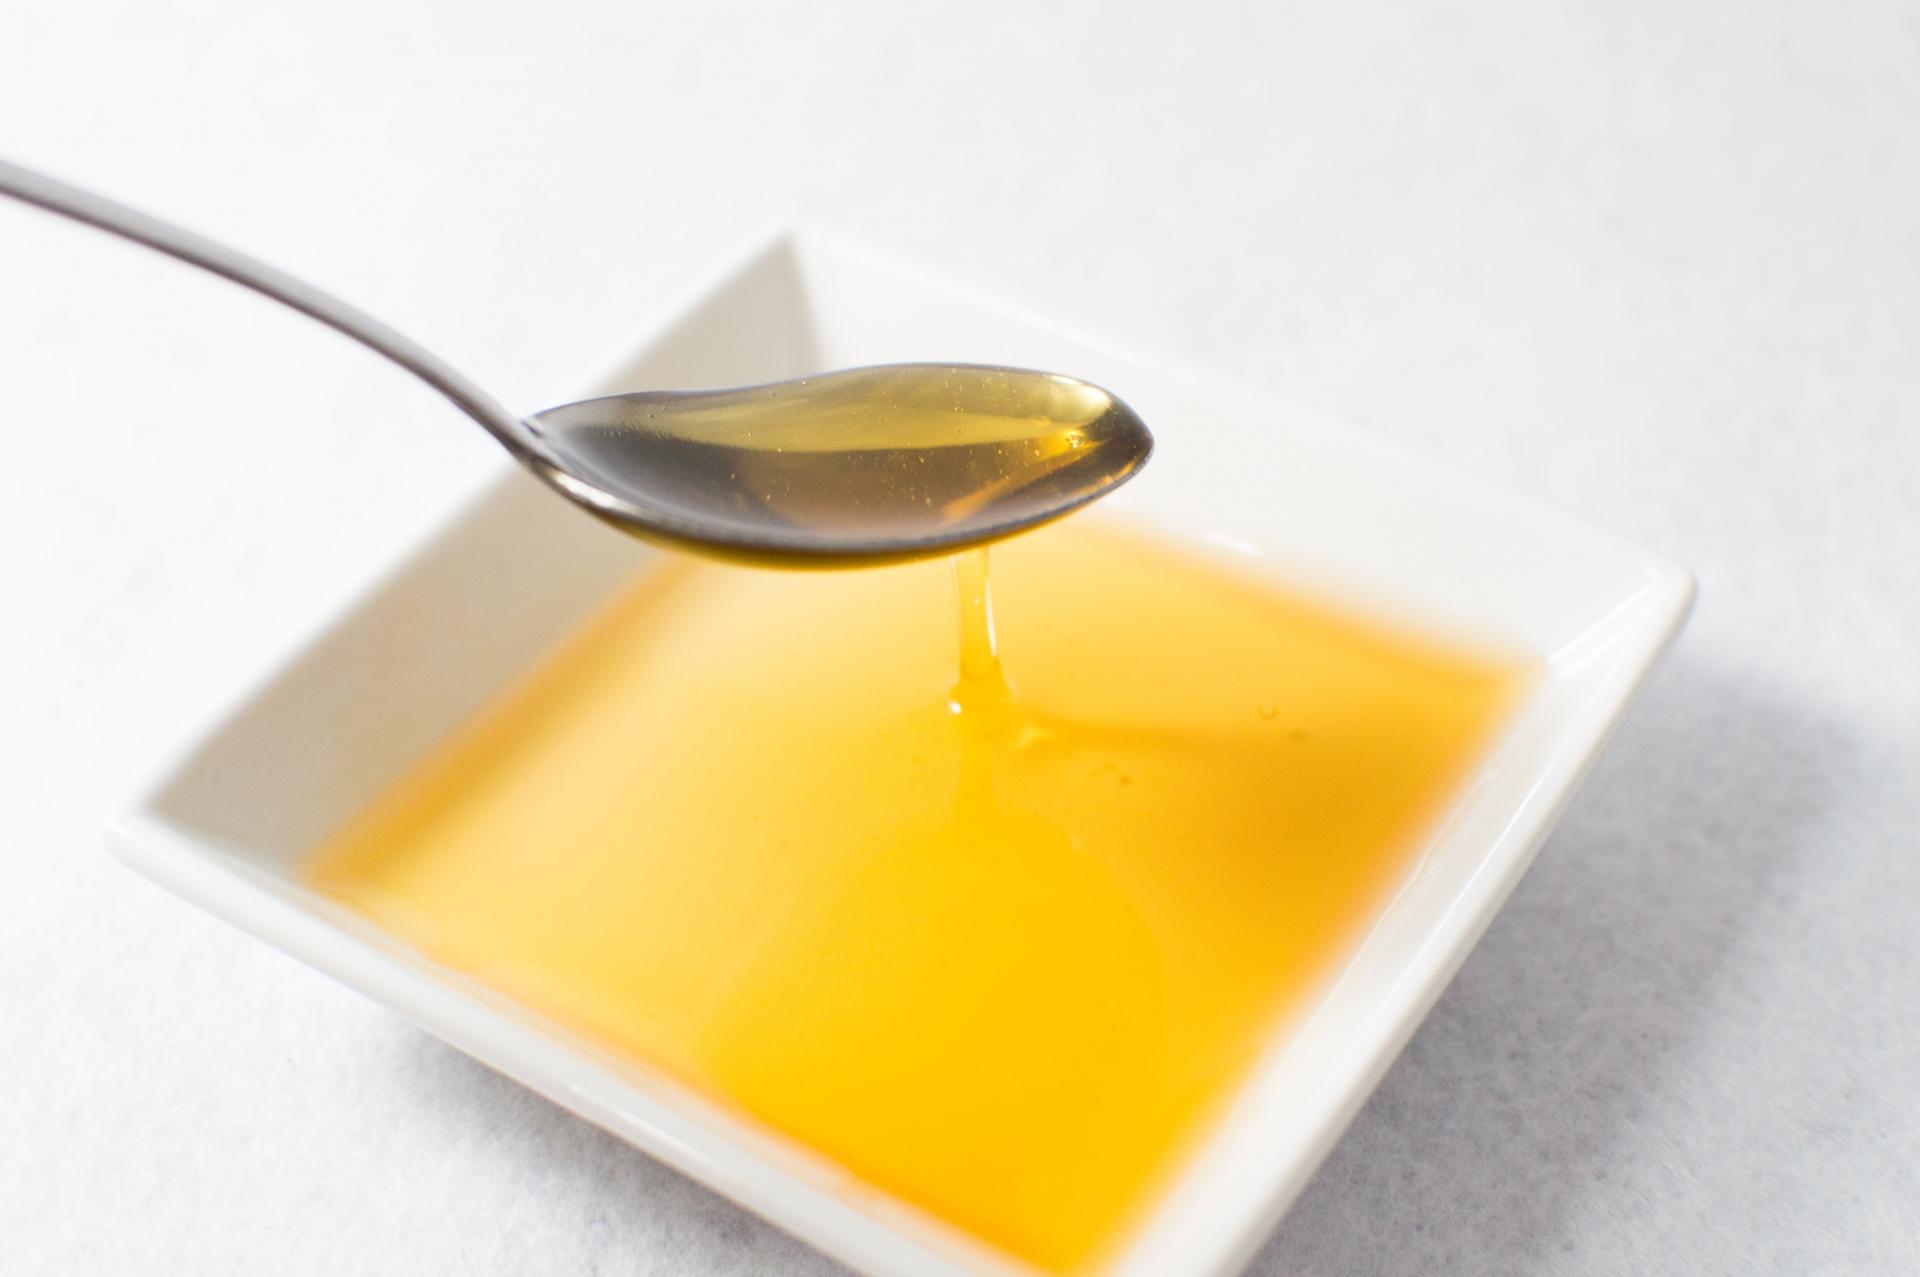 健康意識が高い人は「油」に注目している!50代からの健康を守るオススメオイルとは?